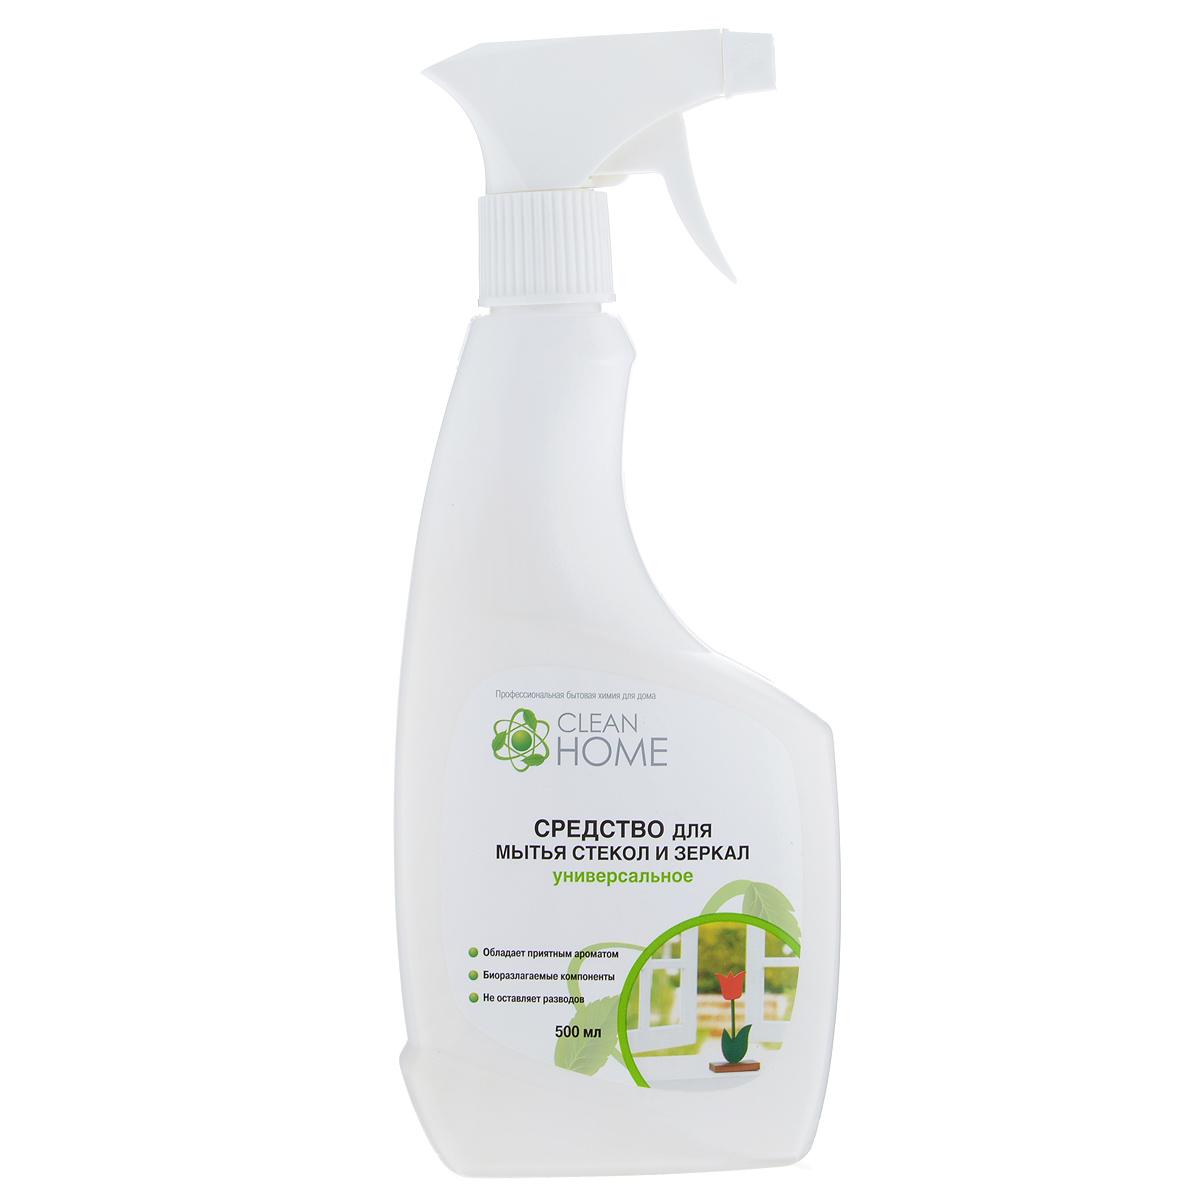 Средство Clean Home, для мытья стекол и зеркал, 500 мл391602Эффективное чистящее средство Clean Home предназначено для мытья окон, зеркал, изделий из стекла, хрусталя, фарфора, а также стекол автомобилей.Легко удаляет копоть, пыль и грязь.Введенная в состав новая запатентованная полимерная добавка улучшает стекание воды, стекло быстрее высыхает без пятен и разводов. Она также предотвращает повторное осаждение грязи. Образующаяся на поверхности стекла пленка устойчива к смыванию и обладает длительным защитным эффектом, что позволяет мыть окна и зеркала в два раза реже, чем обычно. Линия профессиональной бытовой химии для дома Clean Home представлена гаммой средств для стирки и уборки дома. Clean Home - это весь необходимый ряд высокоэффективных универсальных средств европейского качества.Состав: вода, изопропанол, менее 5% НПАВ, функциональные добавки, ароматизатор.